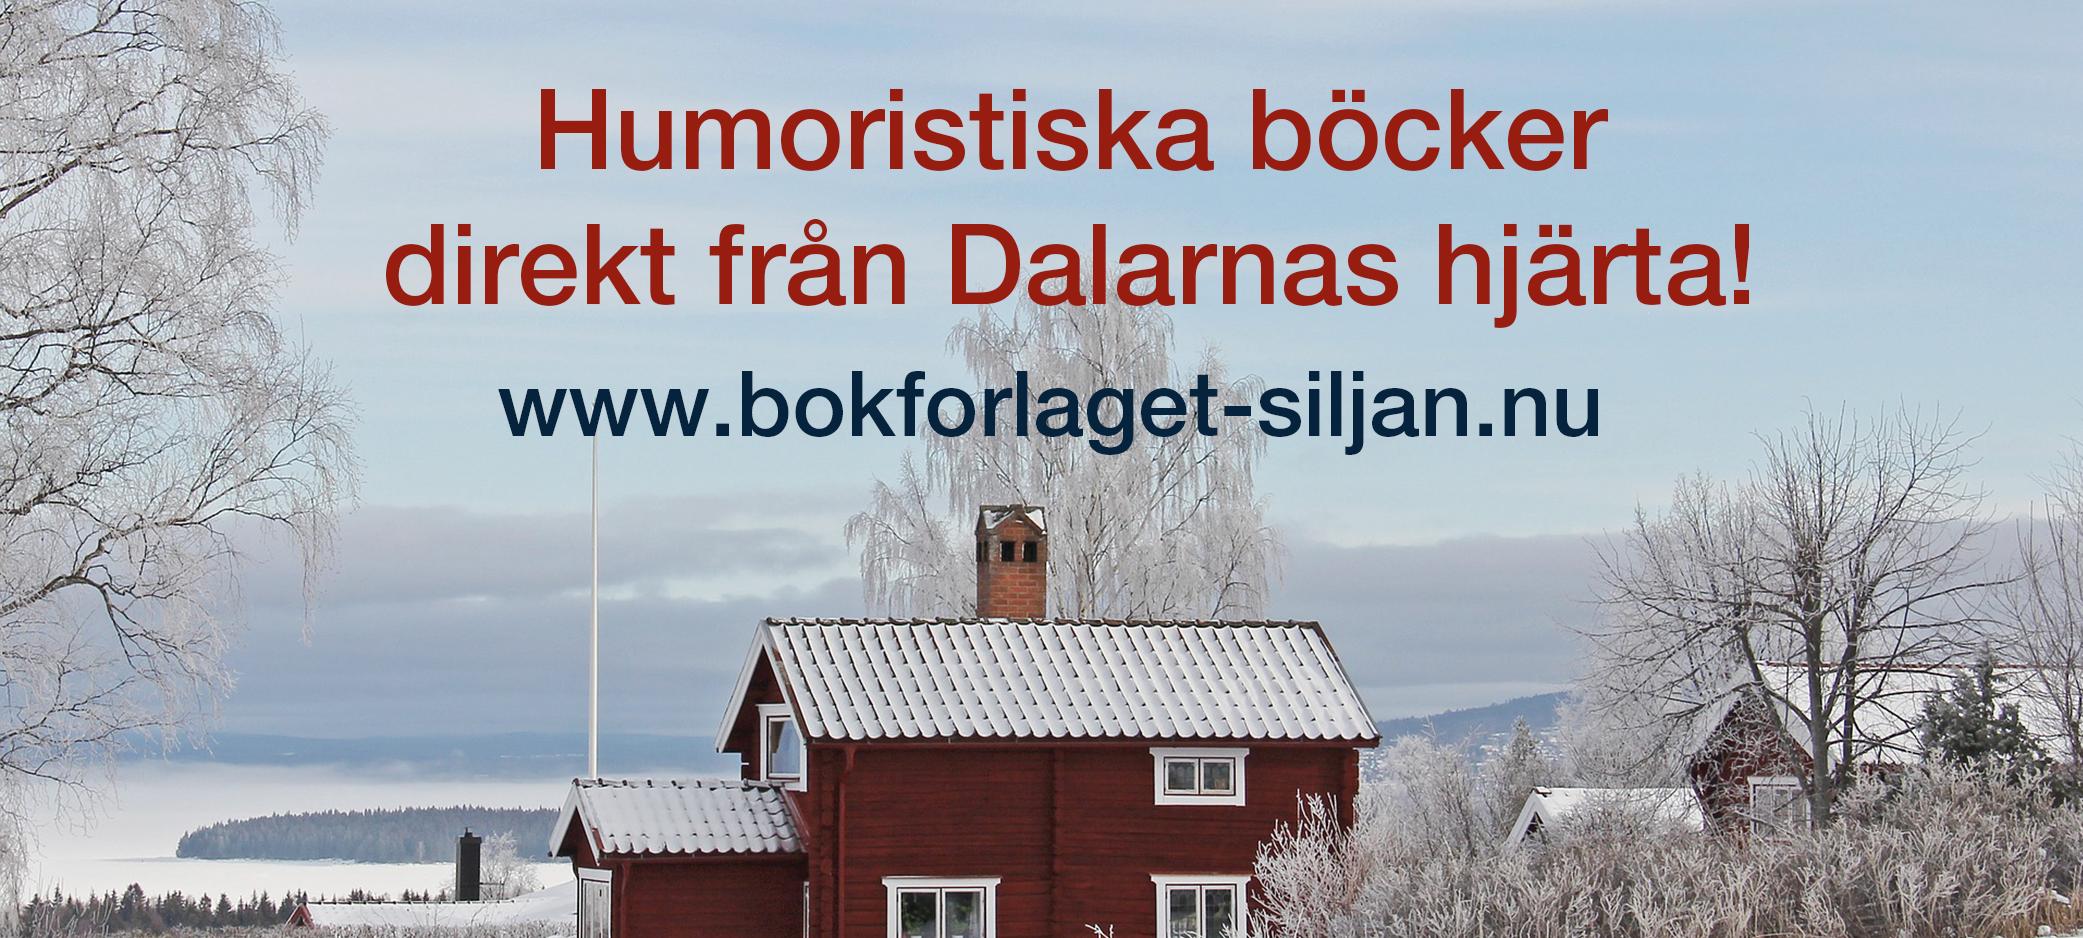 Bokförlaget Siljan